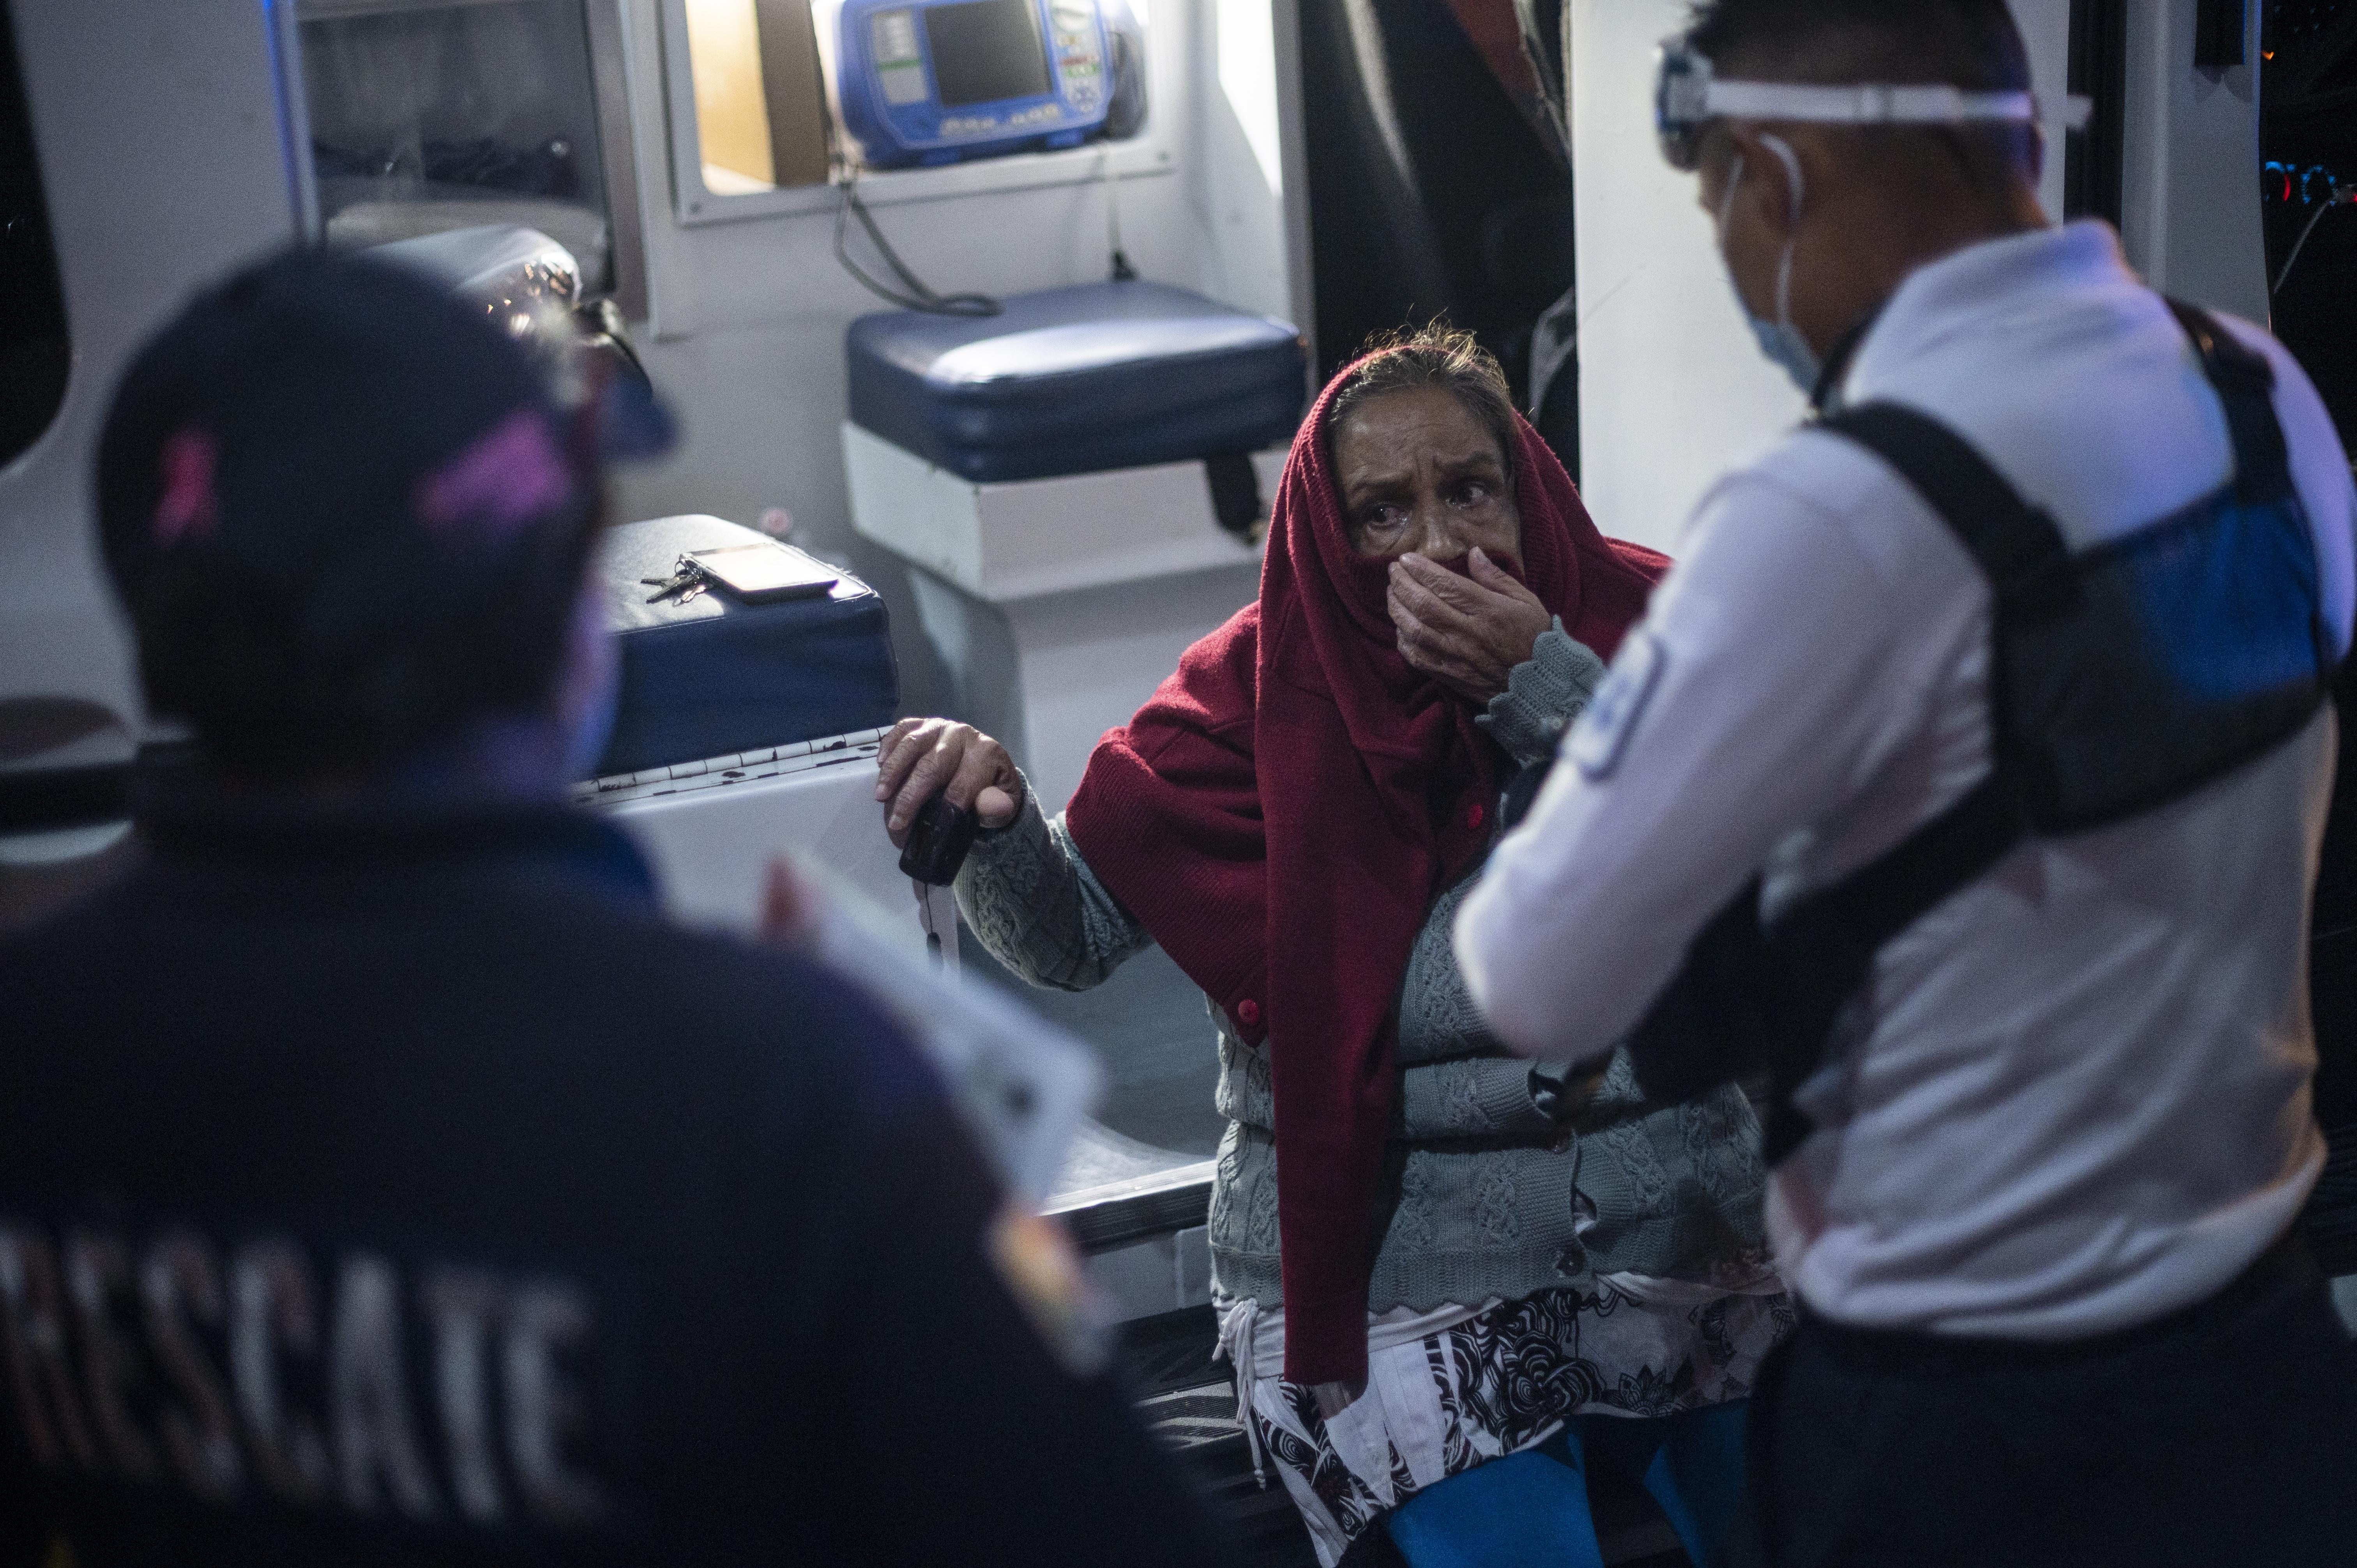 El paramédico Jesús Sholndick, de 29 años, (D) revisa a una anciana con problemas de presión arterial en Ciudad Nezahualcóyotl, Estado de México, México, el 18 de junio de 2020 durante la nueva pandemia de coronavirus COVID-19. (Foto por Pedro PARDO / AFP)